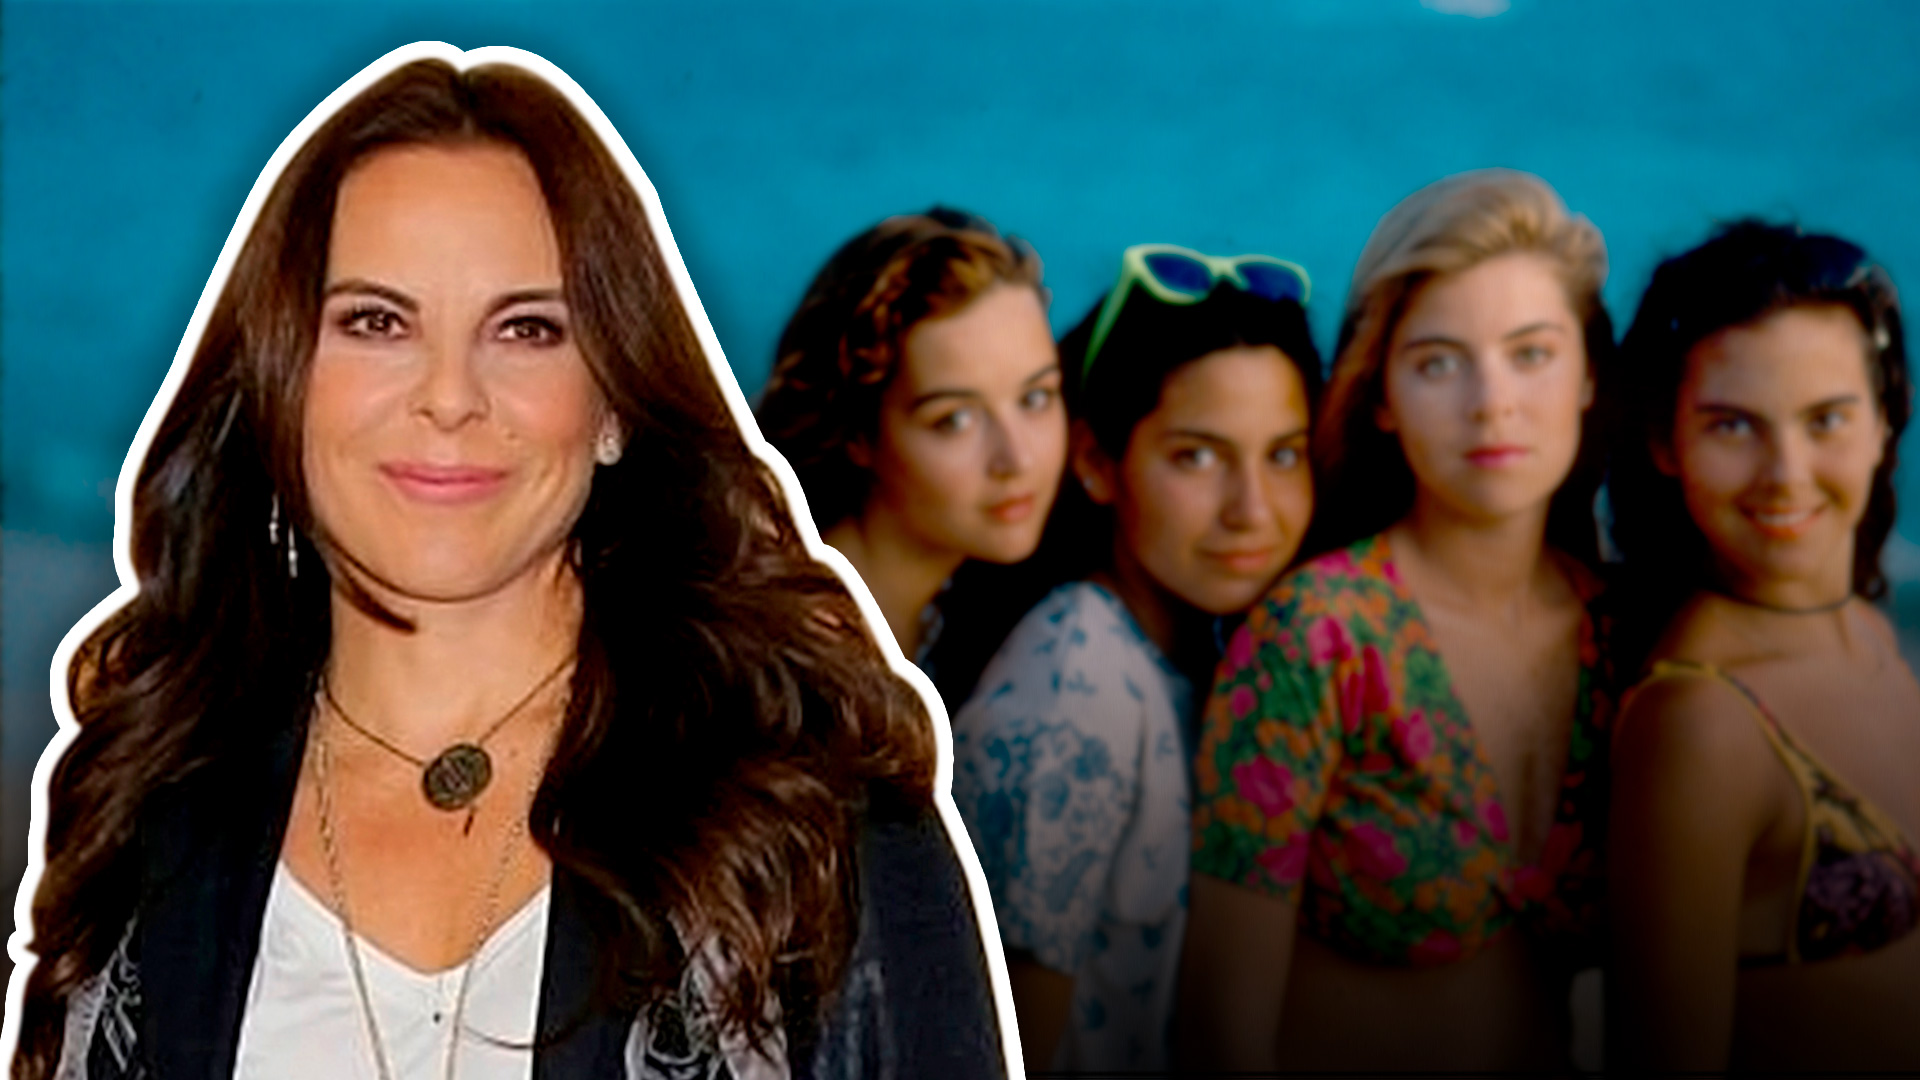 Una de las 'Muchachitas' todavía quiere a Kate del Castillo a diferencia de 'Las lagartonas'